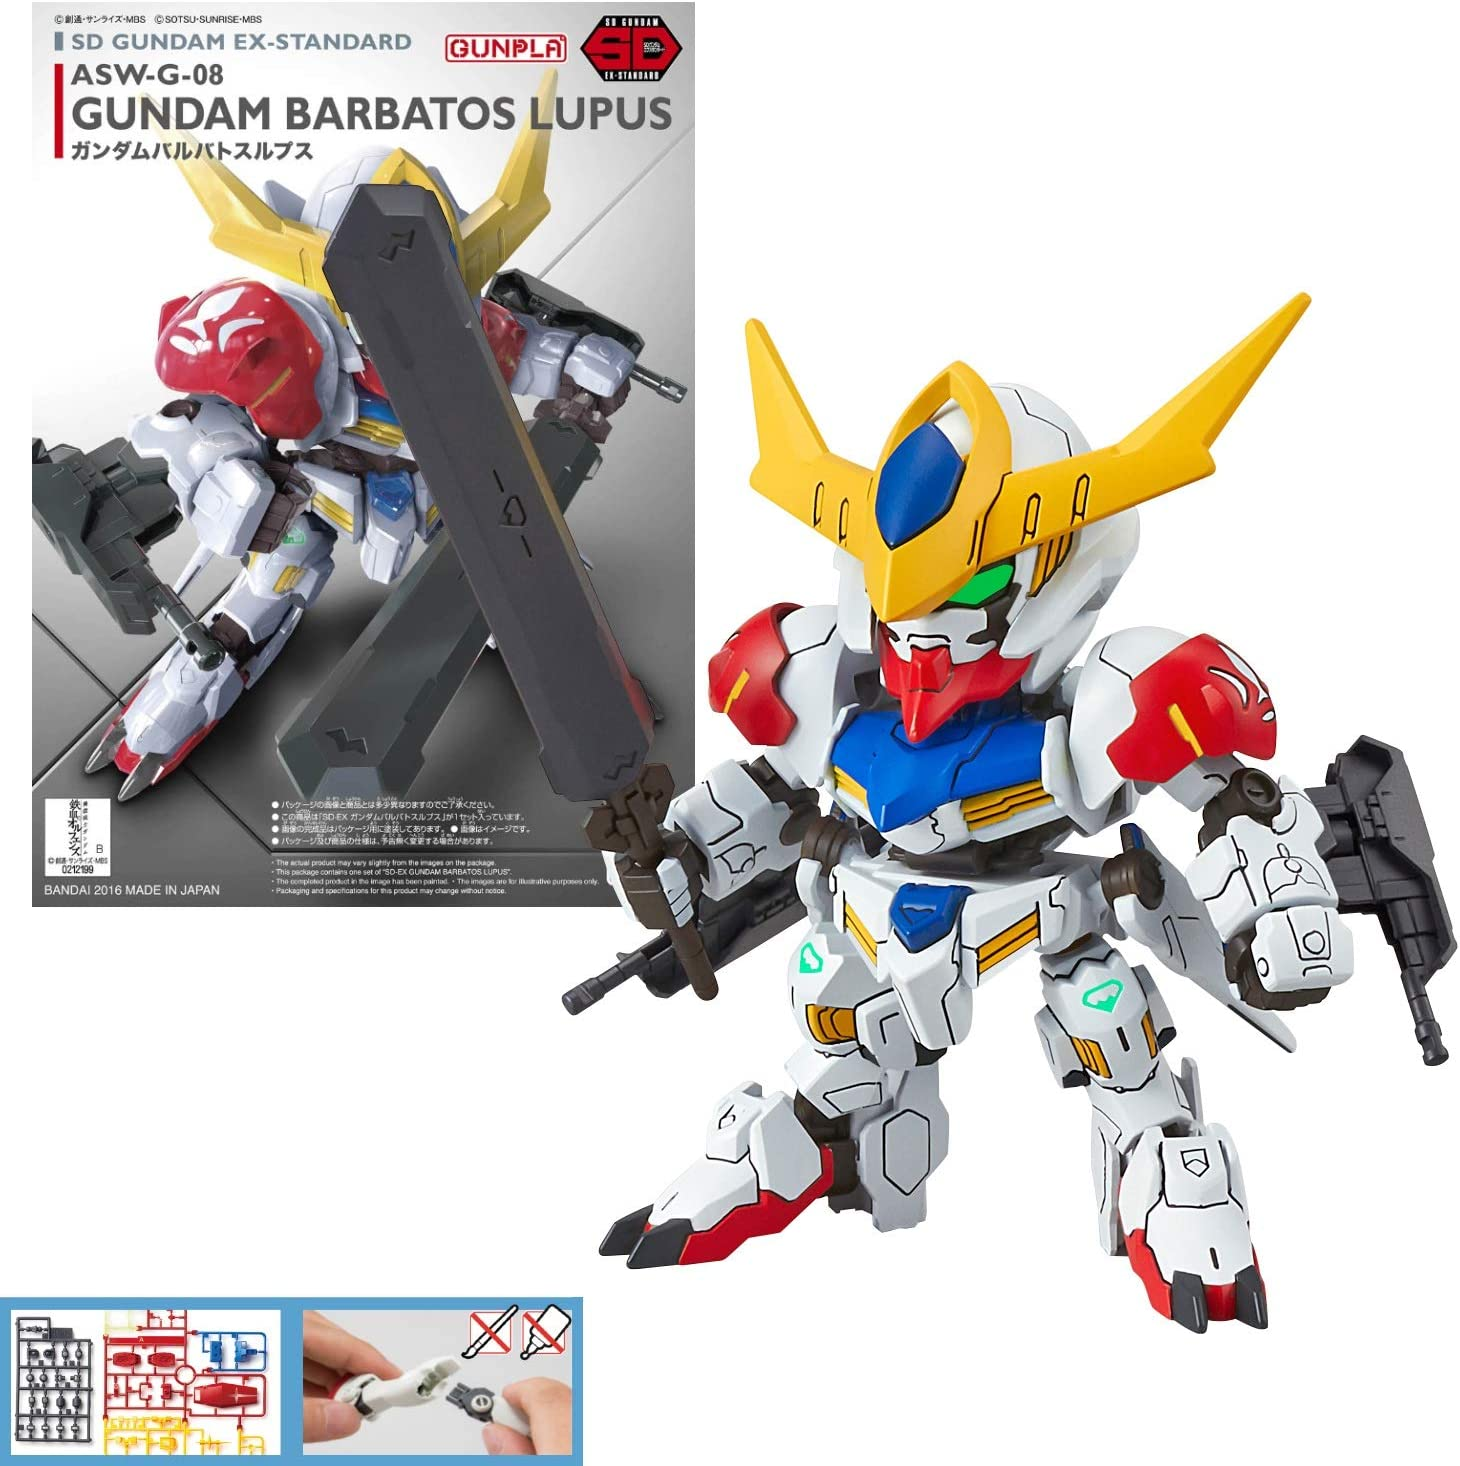 GUNPLA BANDAI - Maqueta Gunpla - Gundam - SD Gundam EX-Standard 014 Gundam Barbaos Lupus - Robot de construcción - MK57798/ BAS5057798